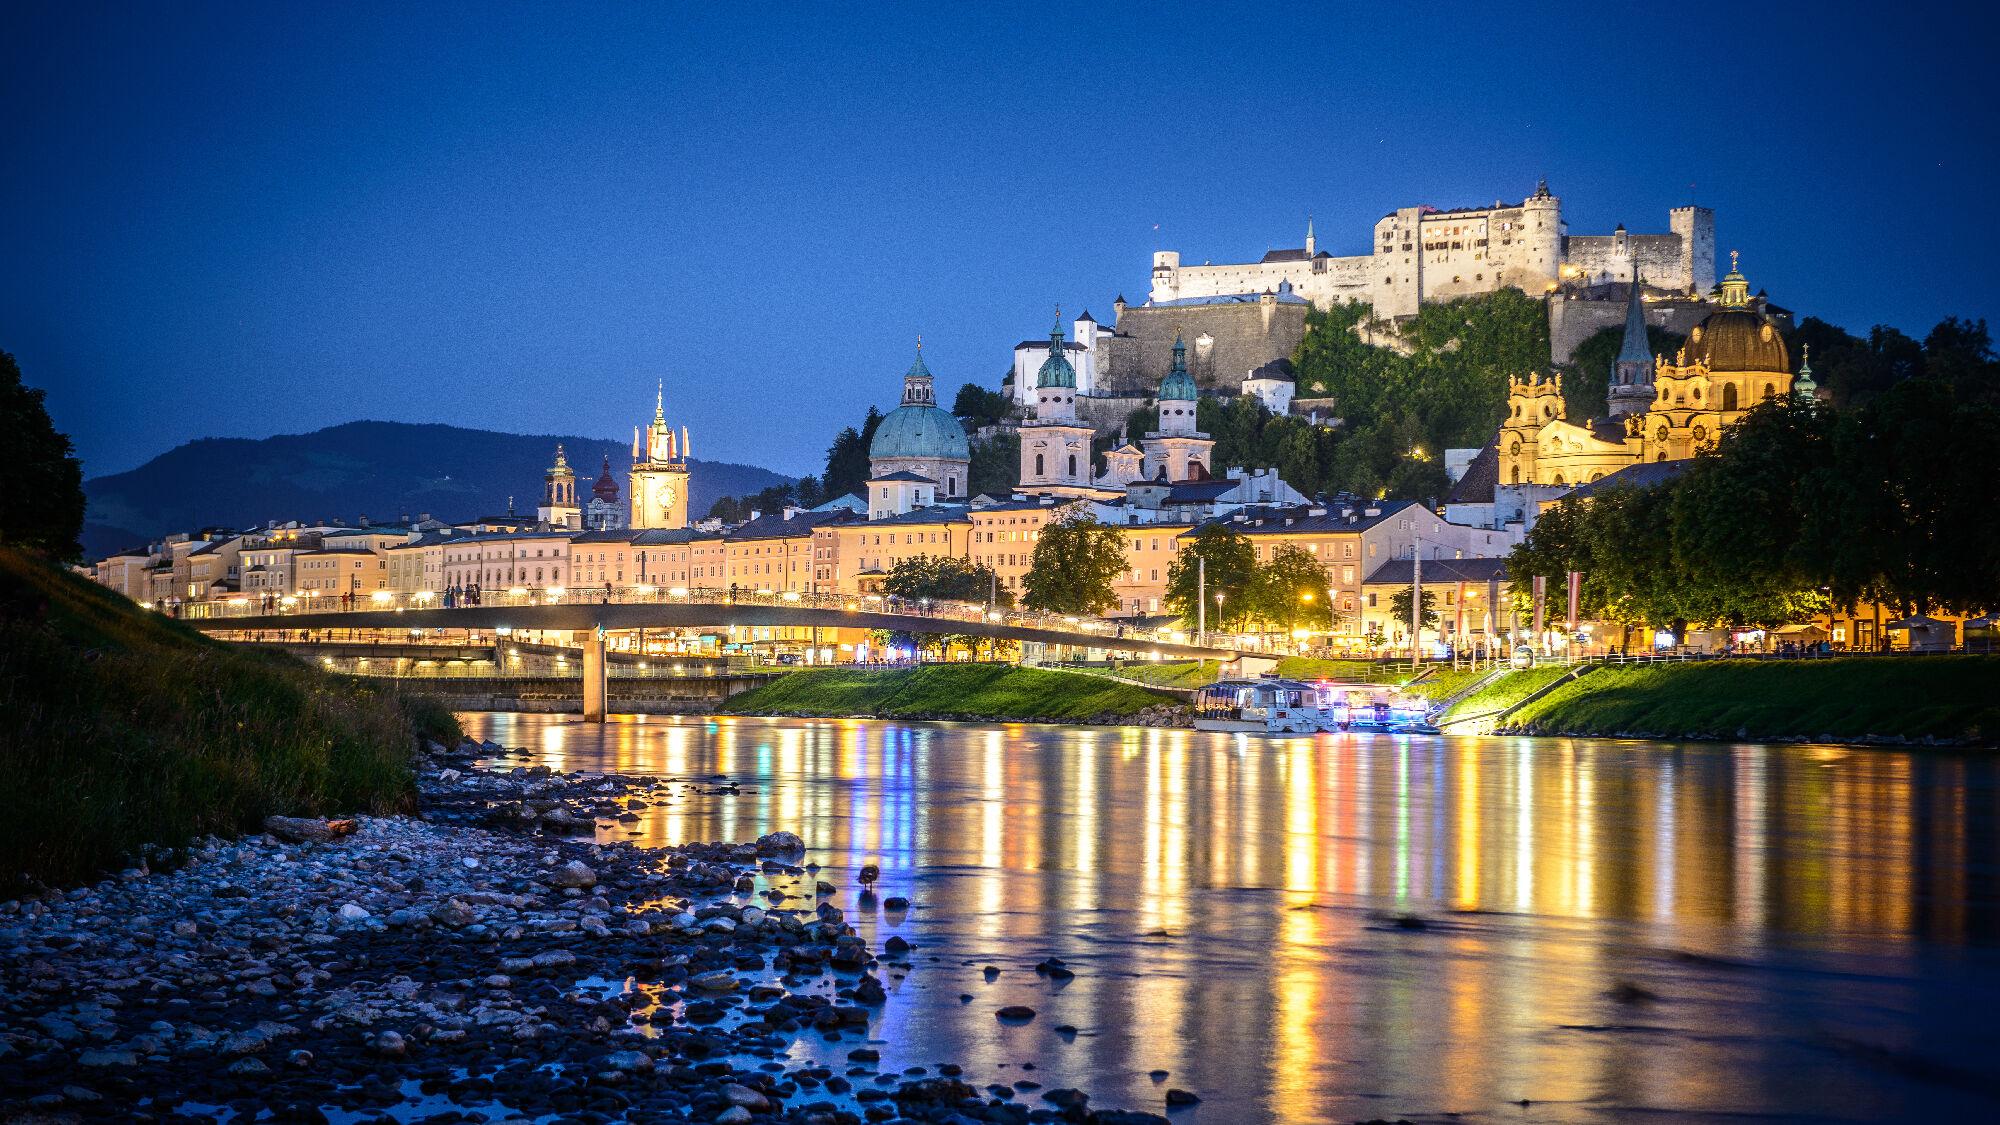 Salzach mit Salzburger Altstadt und Festung Hohensalzburg bei Nacht